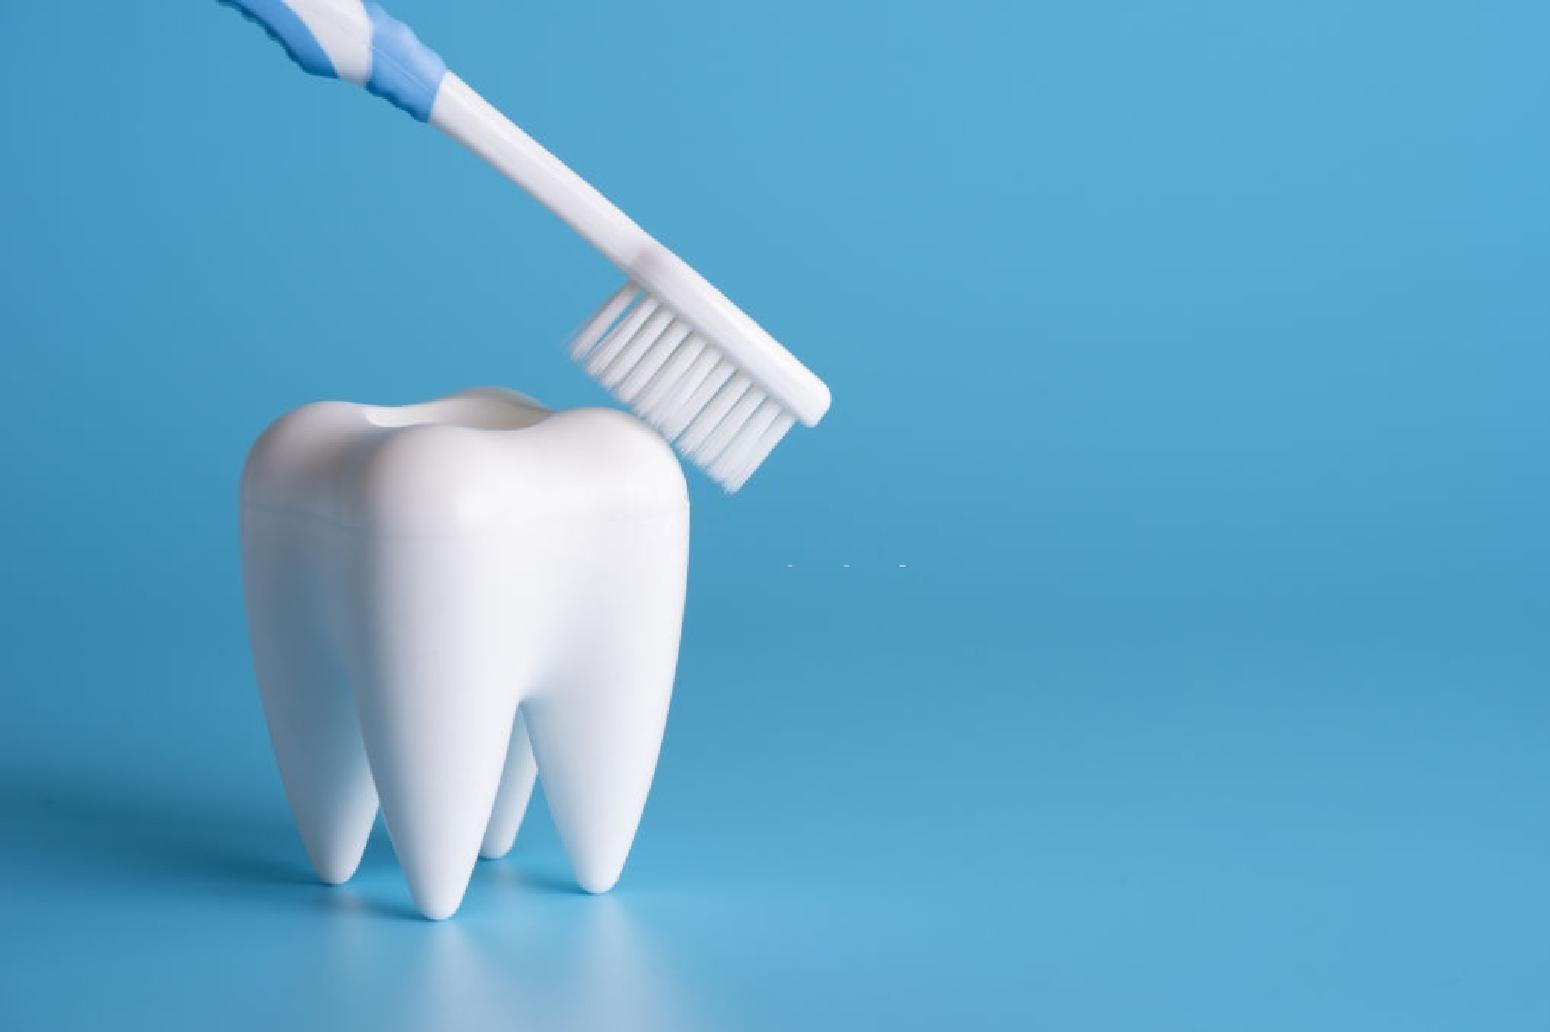 La limpieza dental es el hábito más importante para una buena salud bucal.